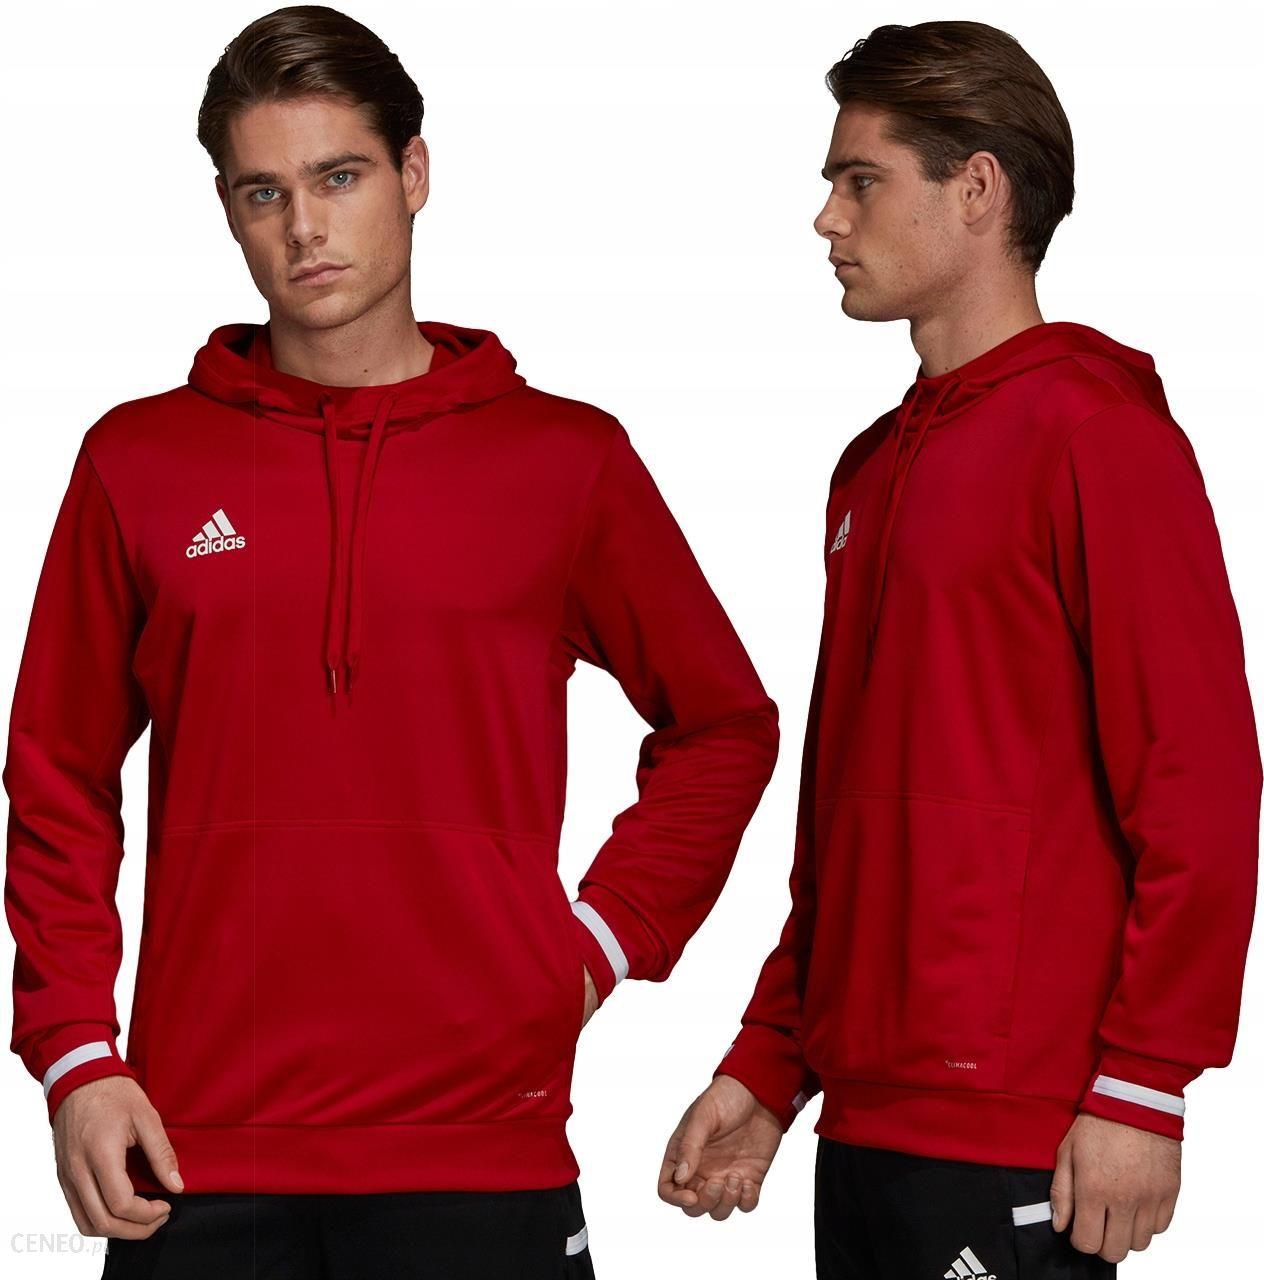 Bluza adidas team 19 hoody m dx7335 czerwona Ceny i opinie Ceneo.pl